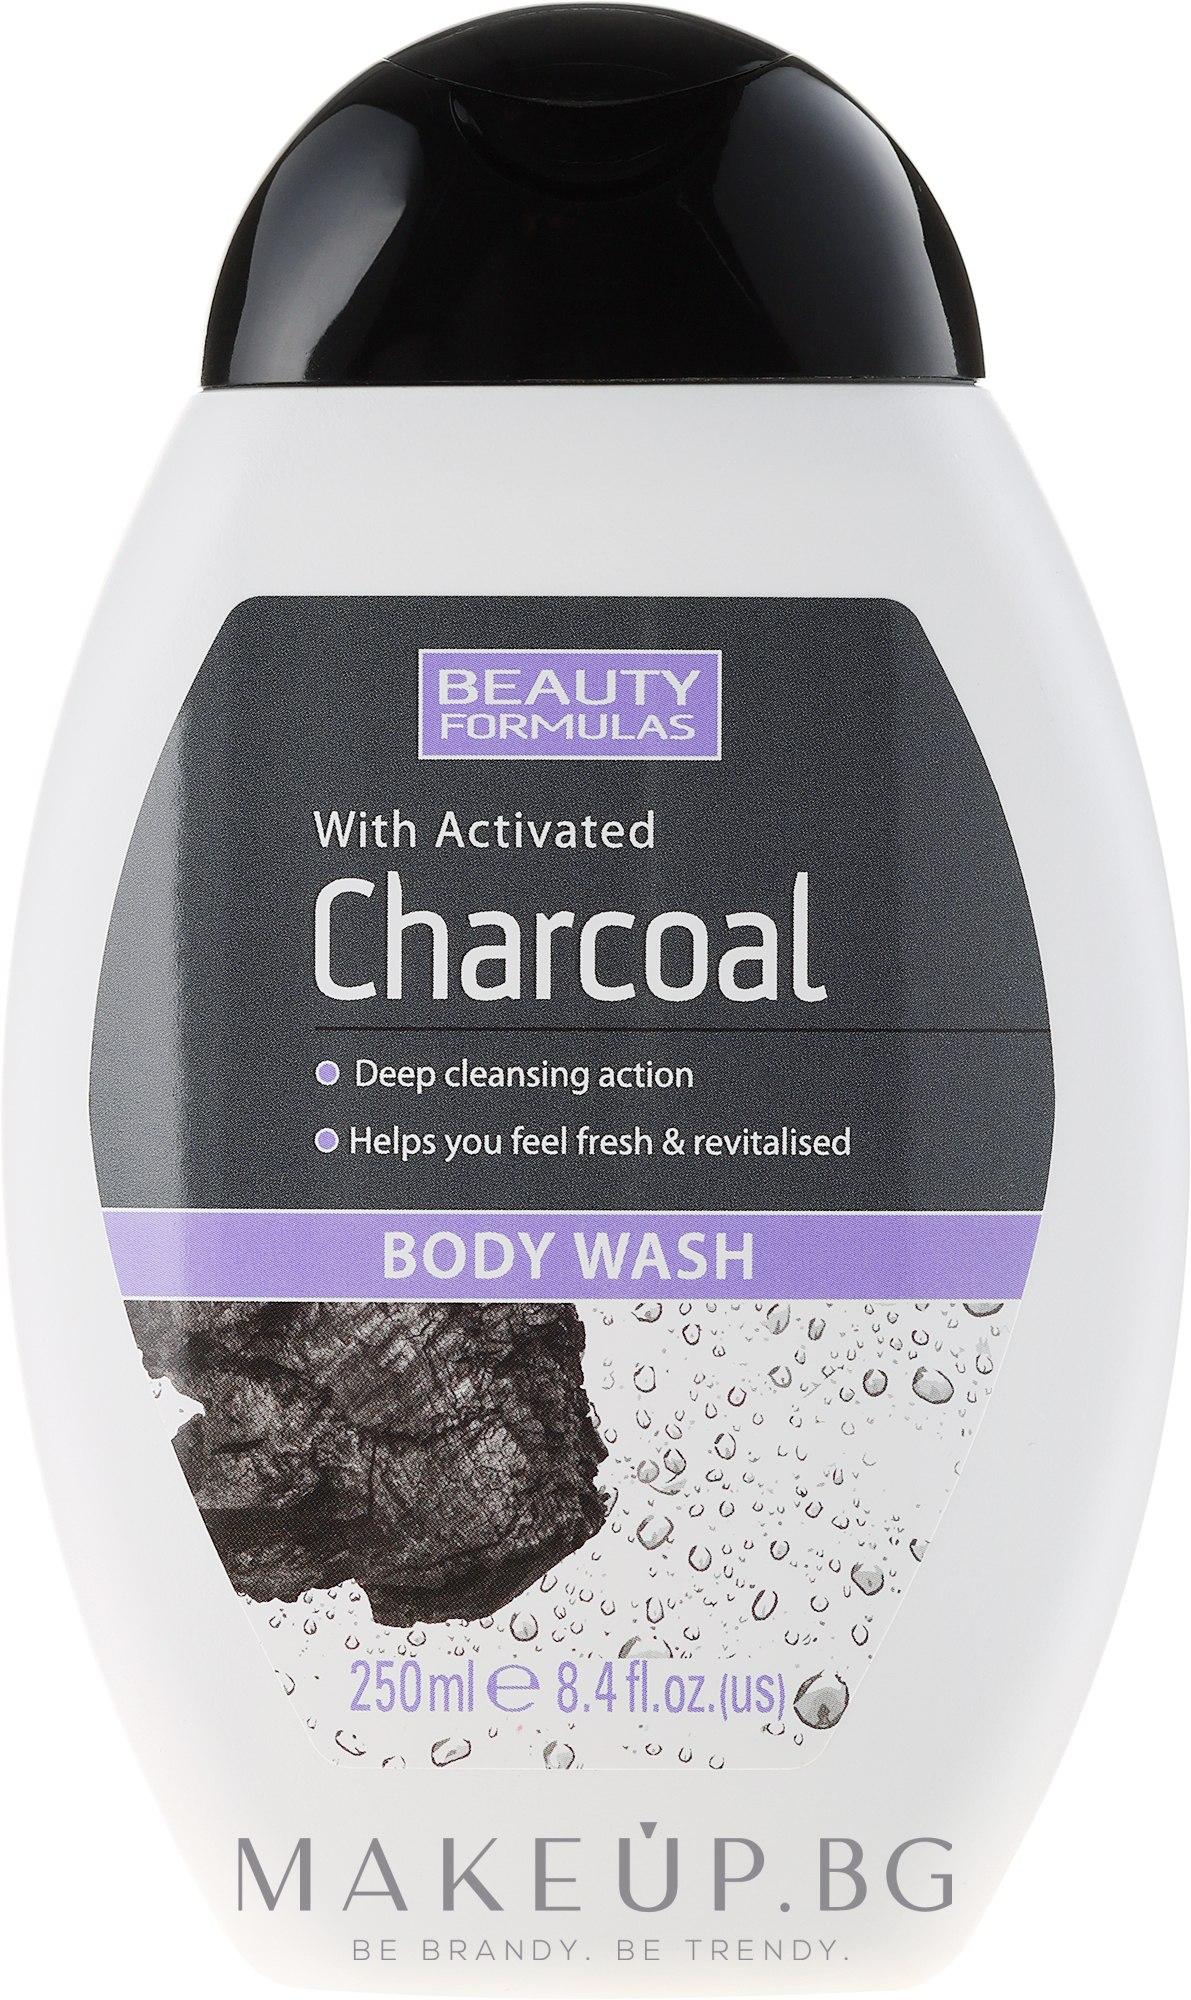 Душ гел с активен въглен - Beauty Formulas Charcoal With Activated Body Wash — снимка 250 ml